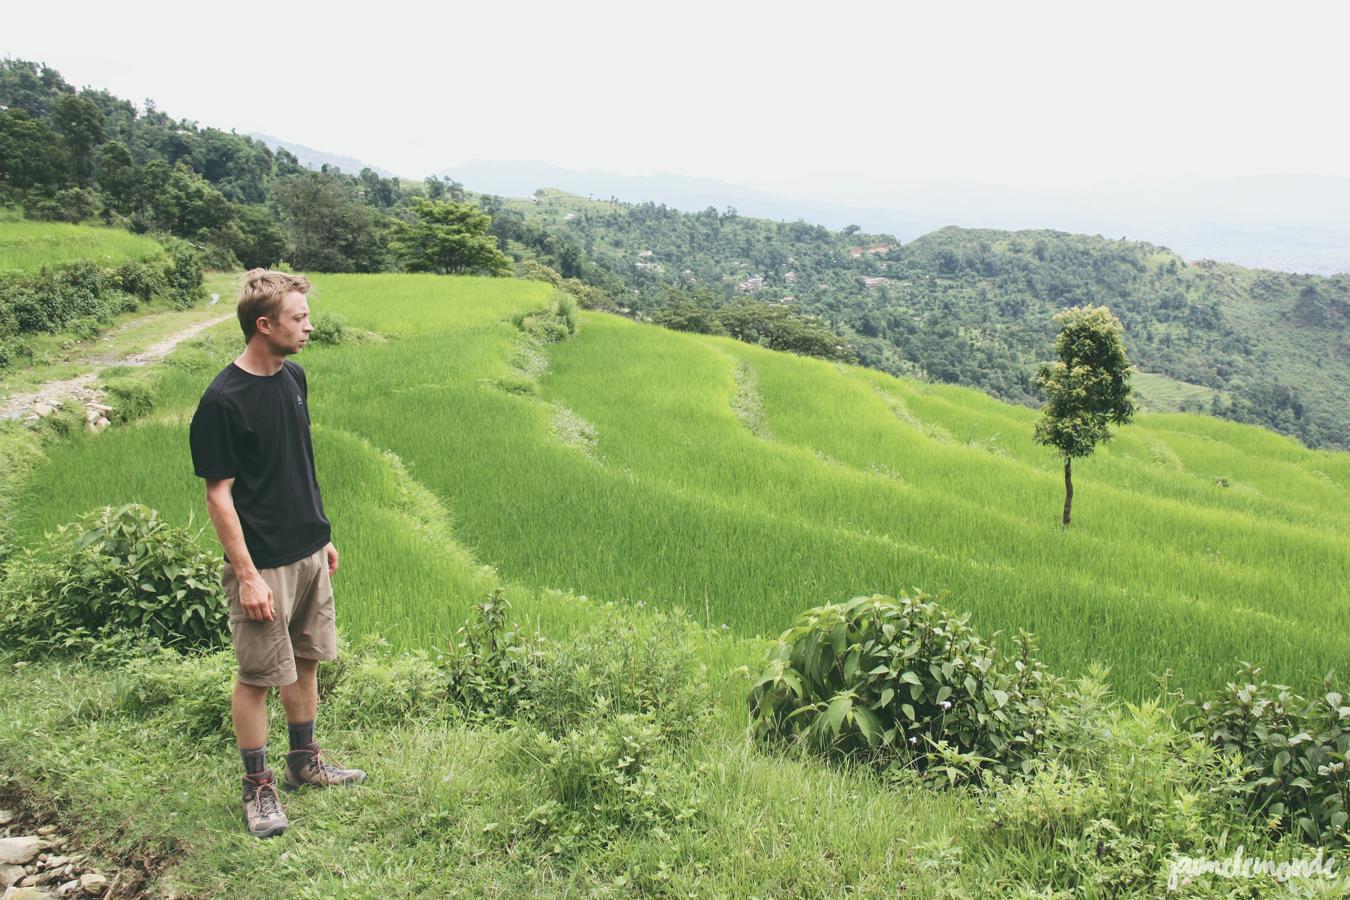 Blog voyage - 50 photos au Népal - ©jaimelemonde (17)